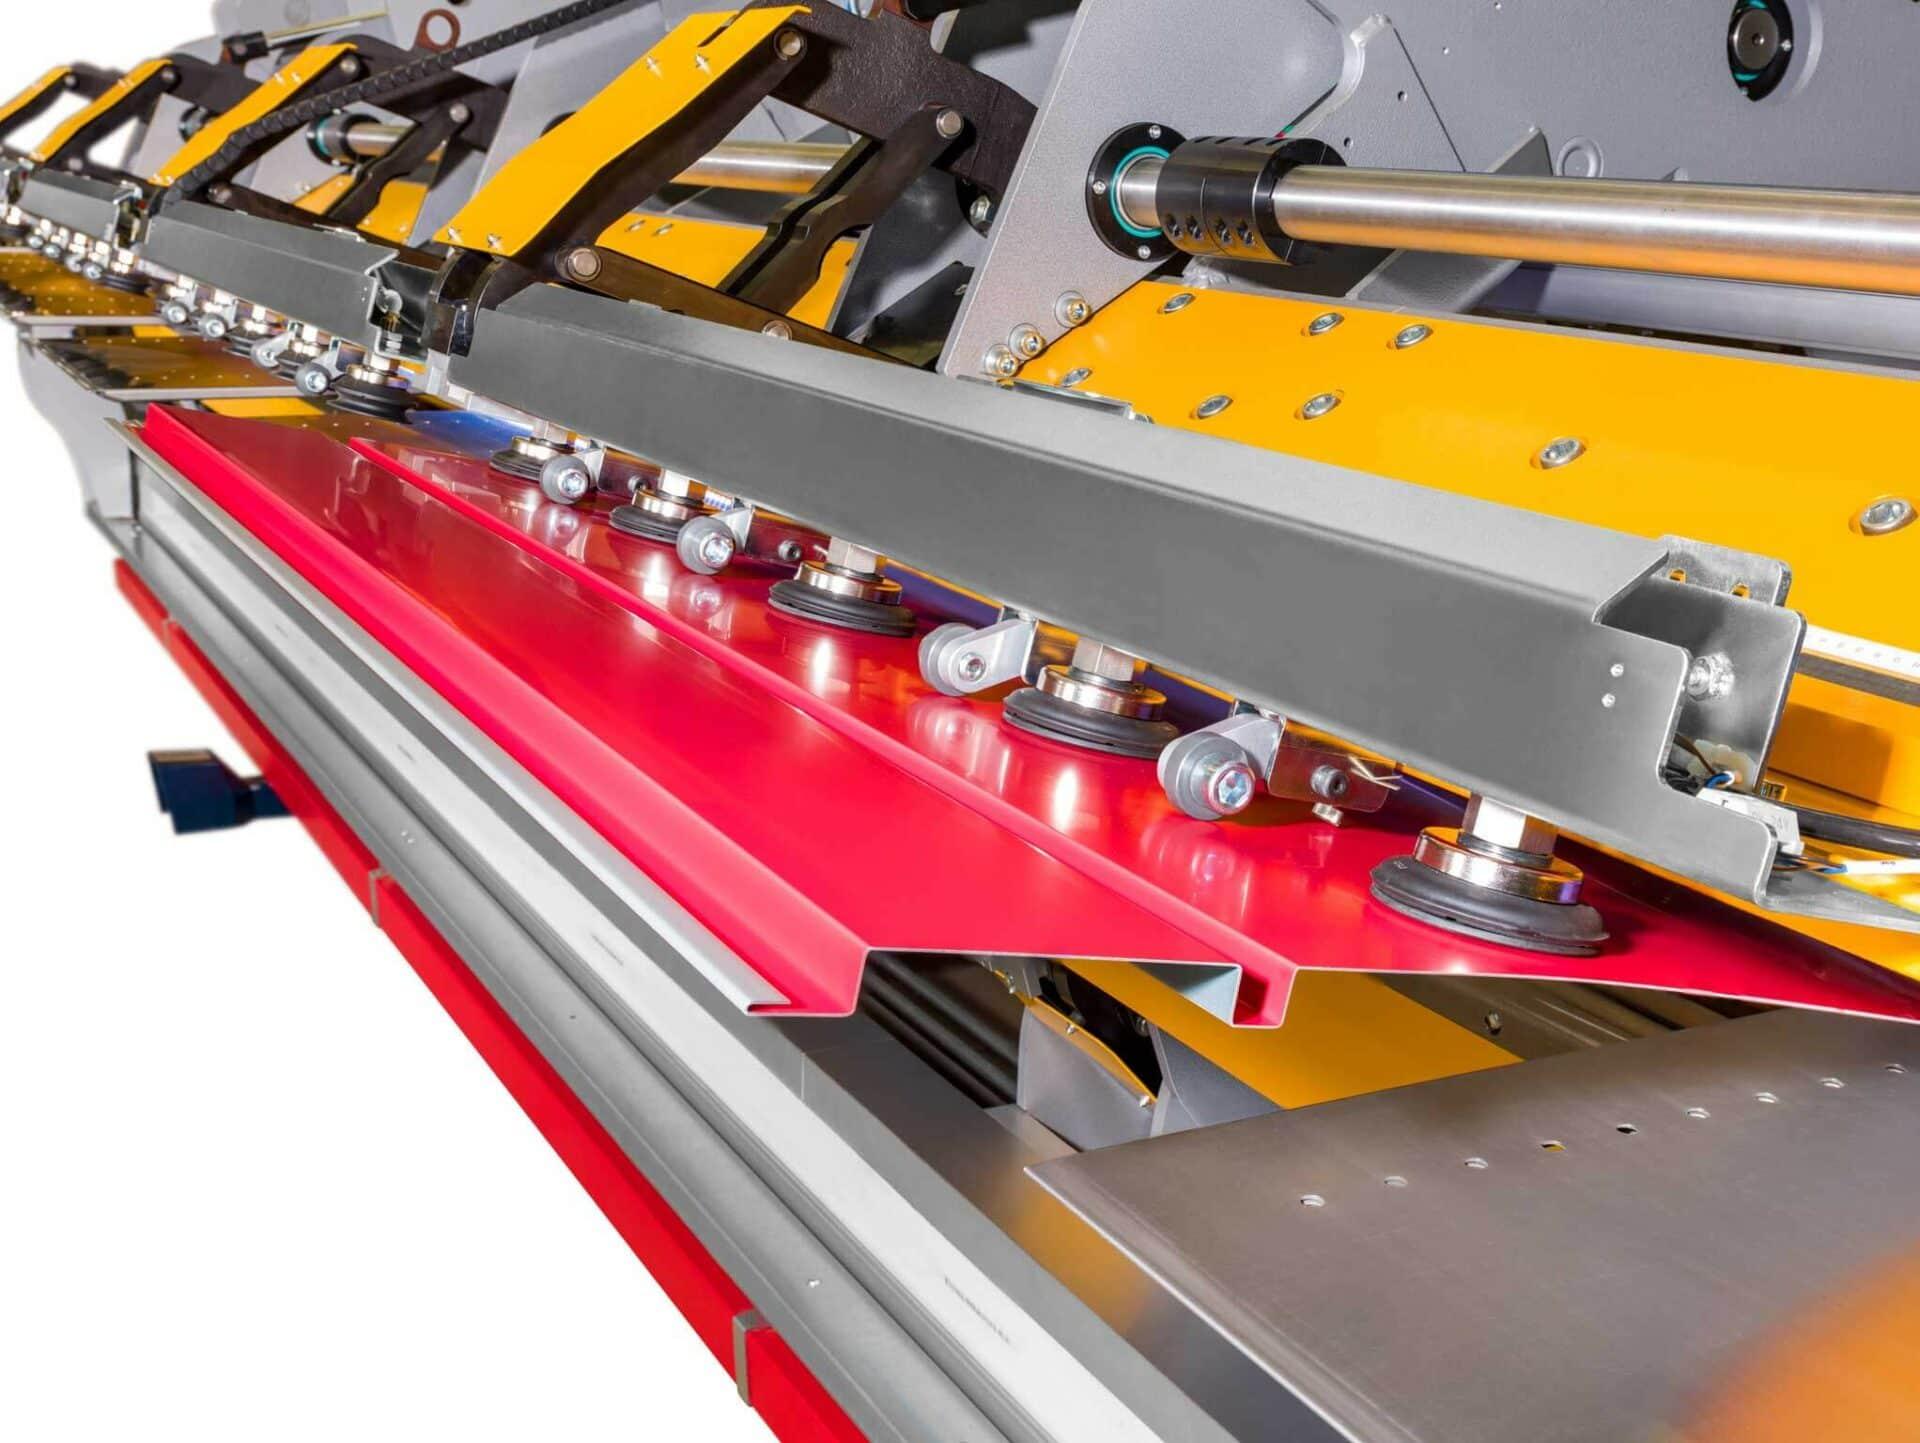 INTEGRIERTE BLECHWENDE-VORRICHTUNG:Die Bleche werden vollautomatisch gewendet und anschließend von den Greifereinheiten punktgenau platziert.